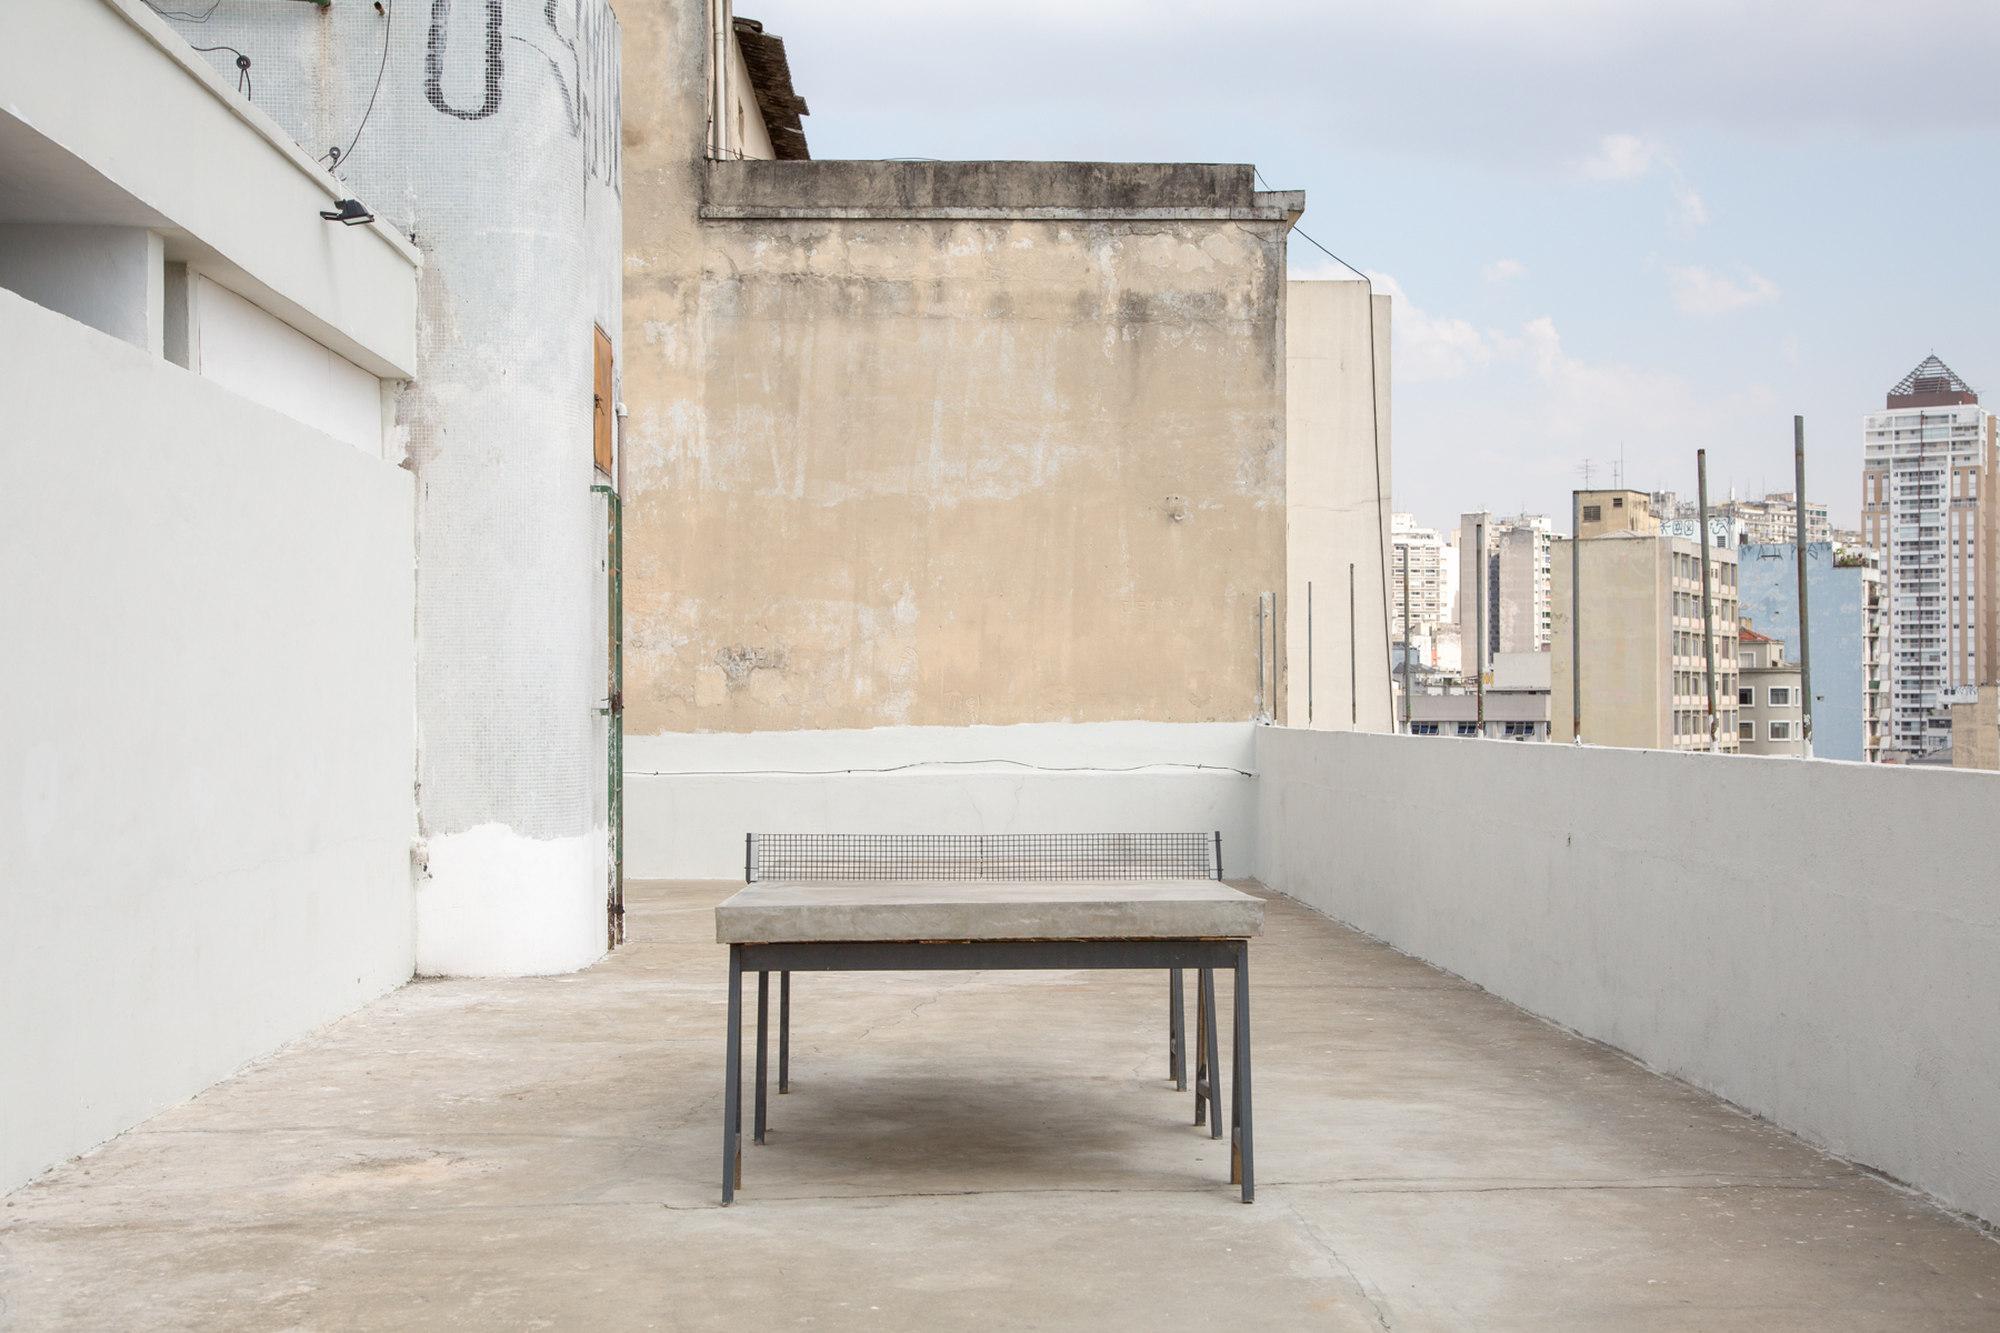 9 Observatório - Acareação - Marcelo Cidade, Desvio pós-estruturalista das causas transcendentais para os efeitos imanentes